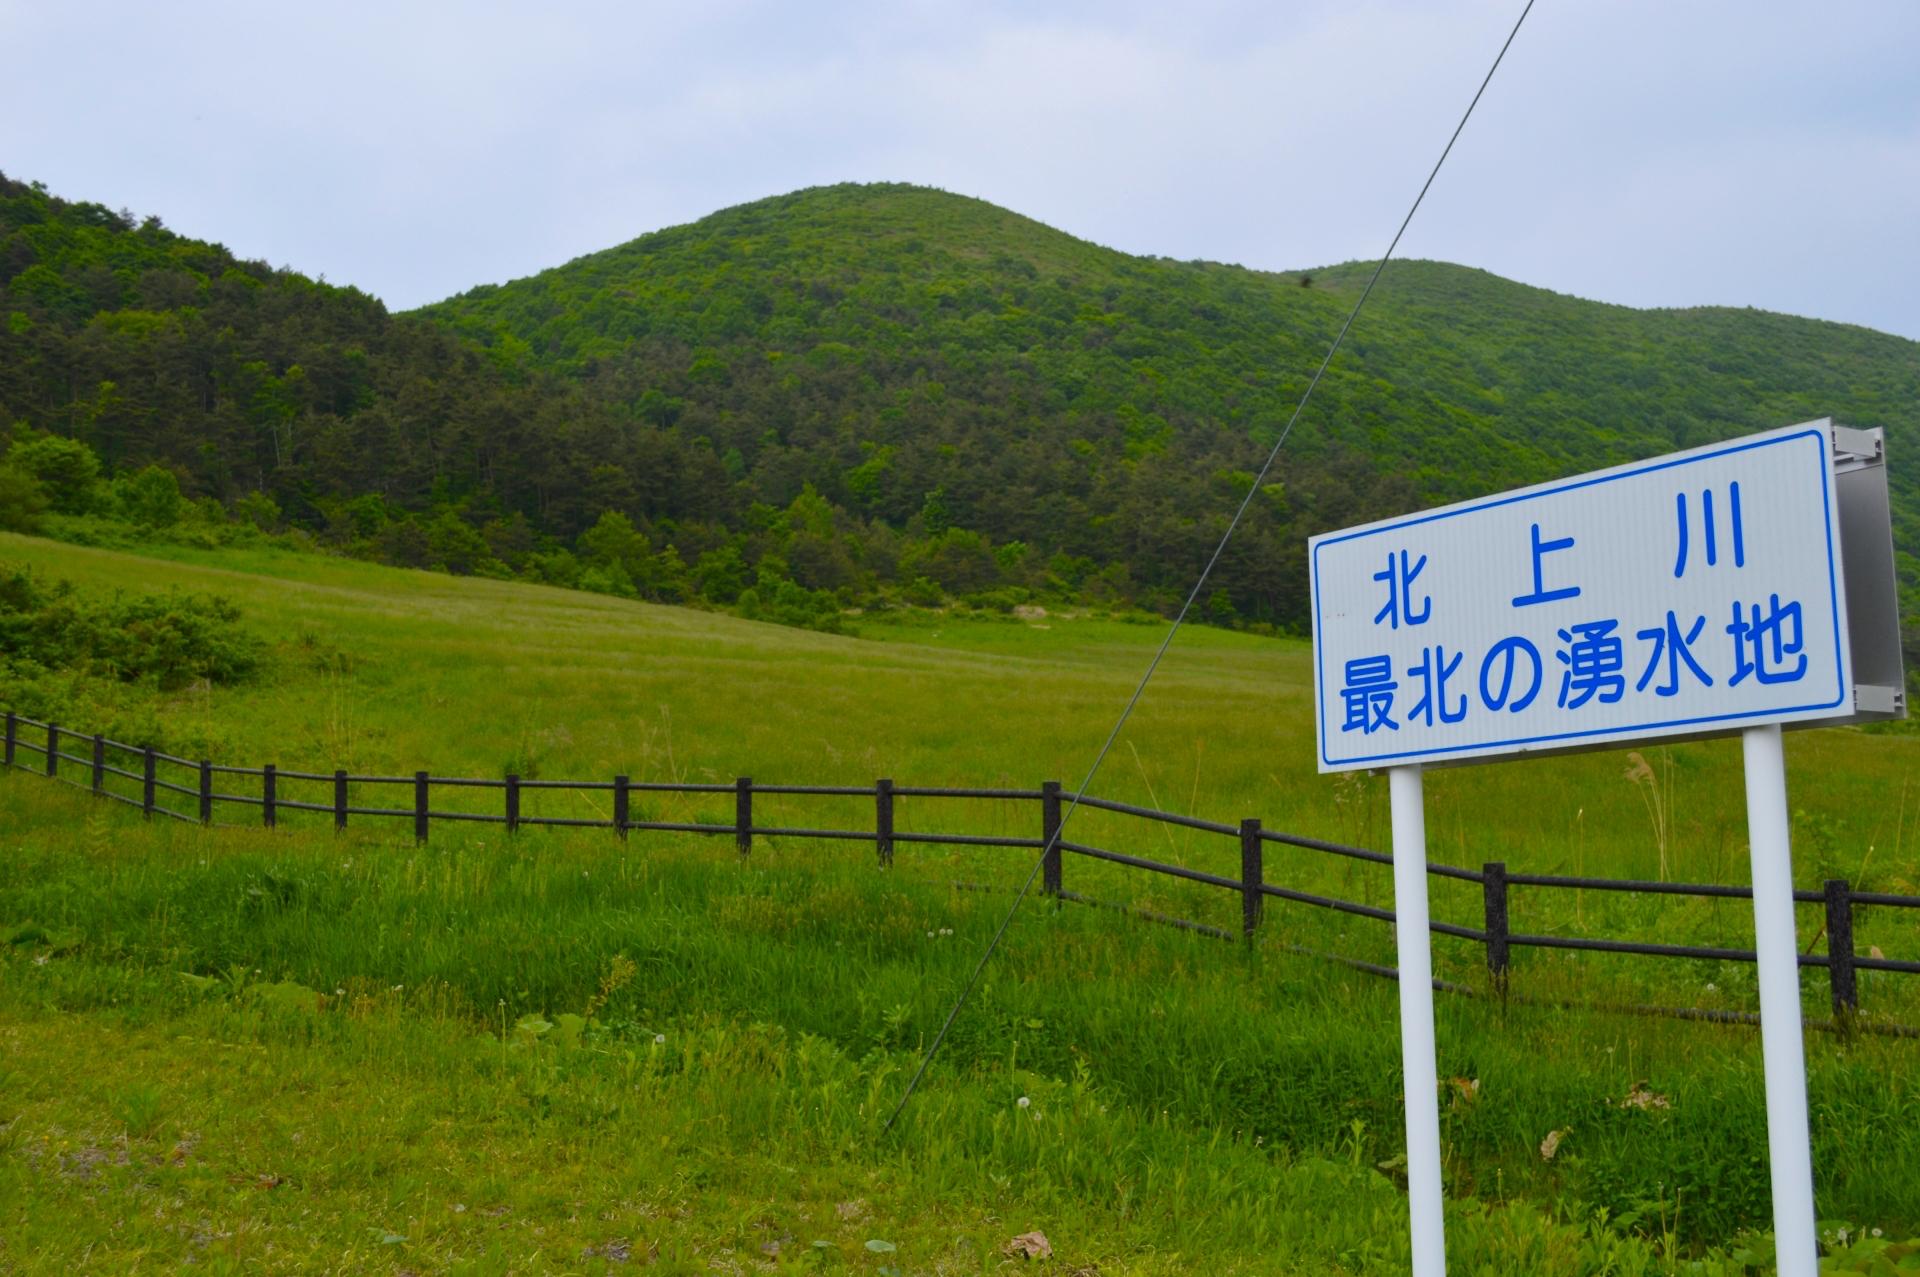 北上川最北の湧水地(北上川源流)